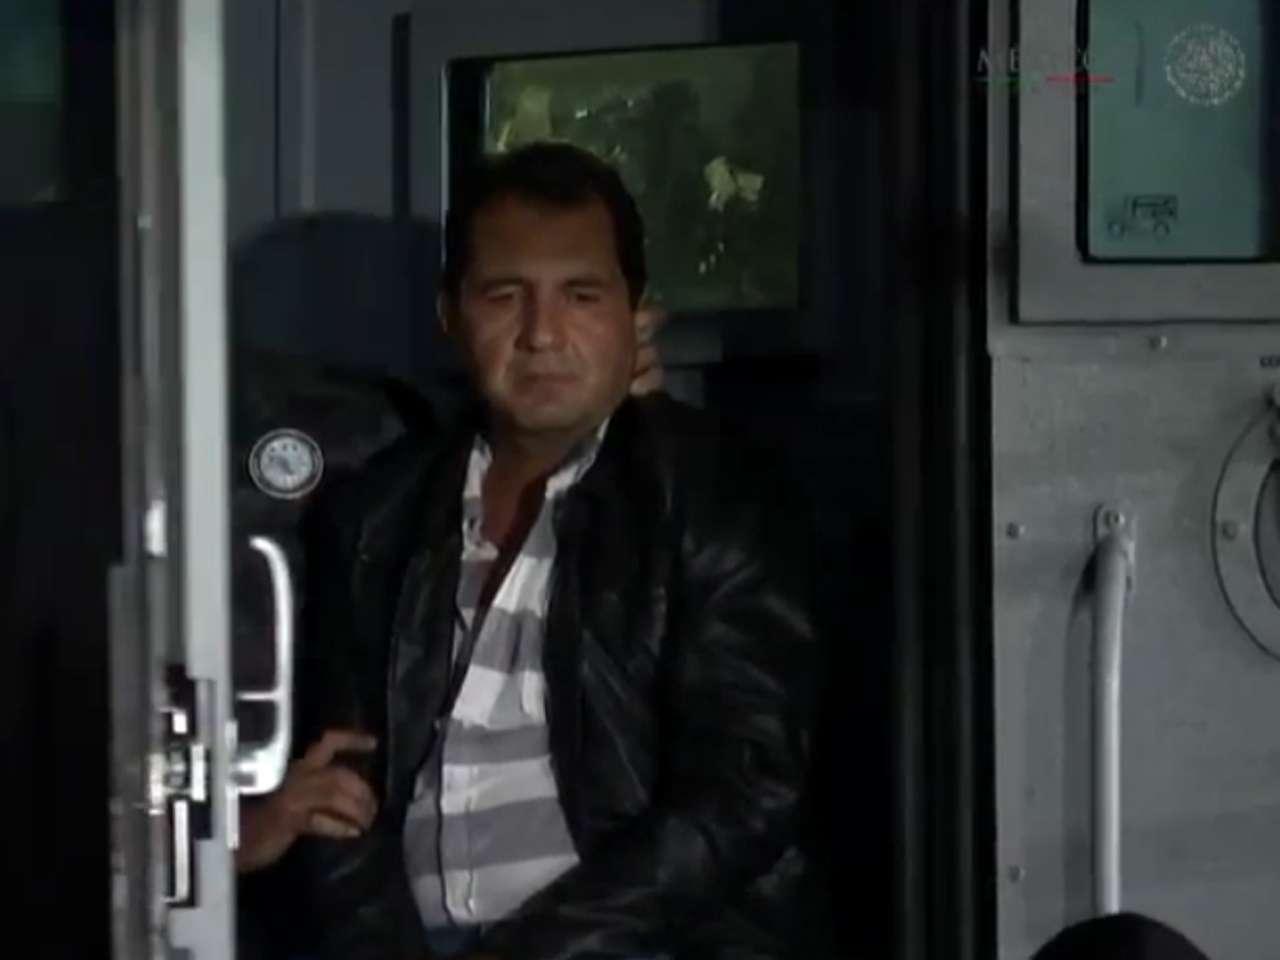 Casi 12 horas después de la captura de La Tuta, autoridades federales informan que Flavio Gómez Martínez fue capturado en Mérida, Yucatán. Foto: Presidencia